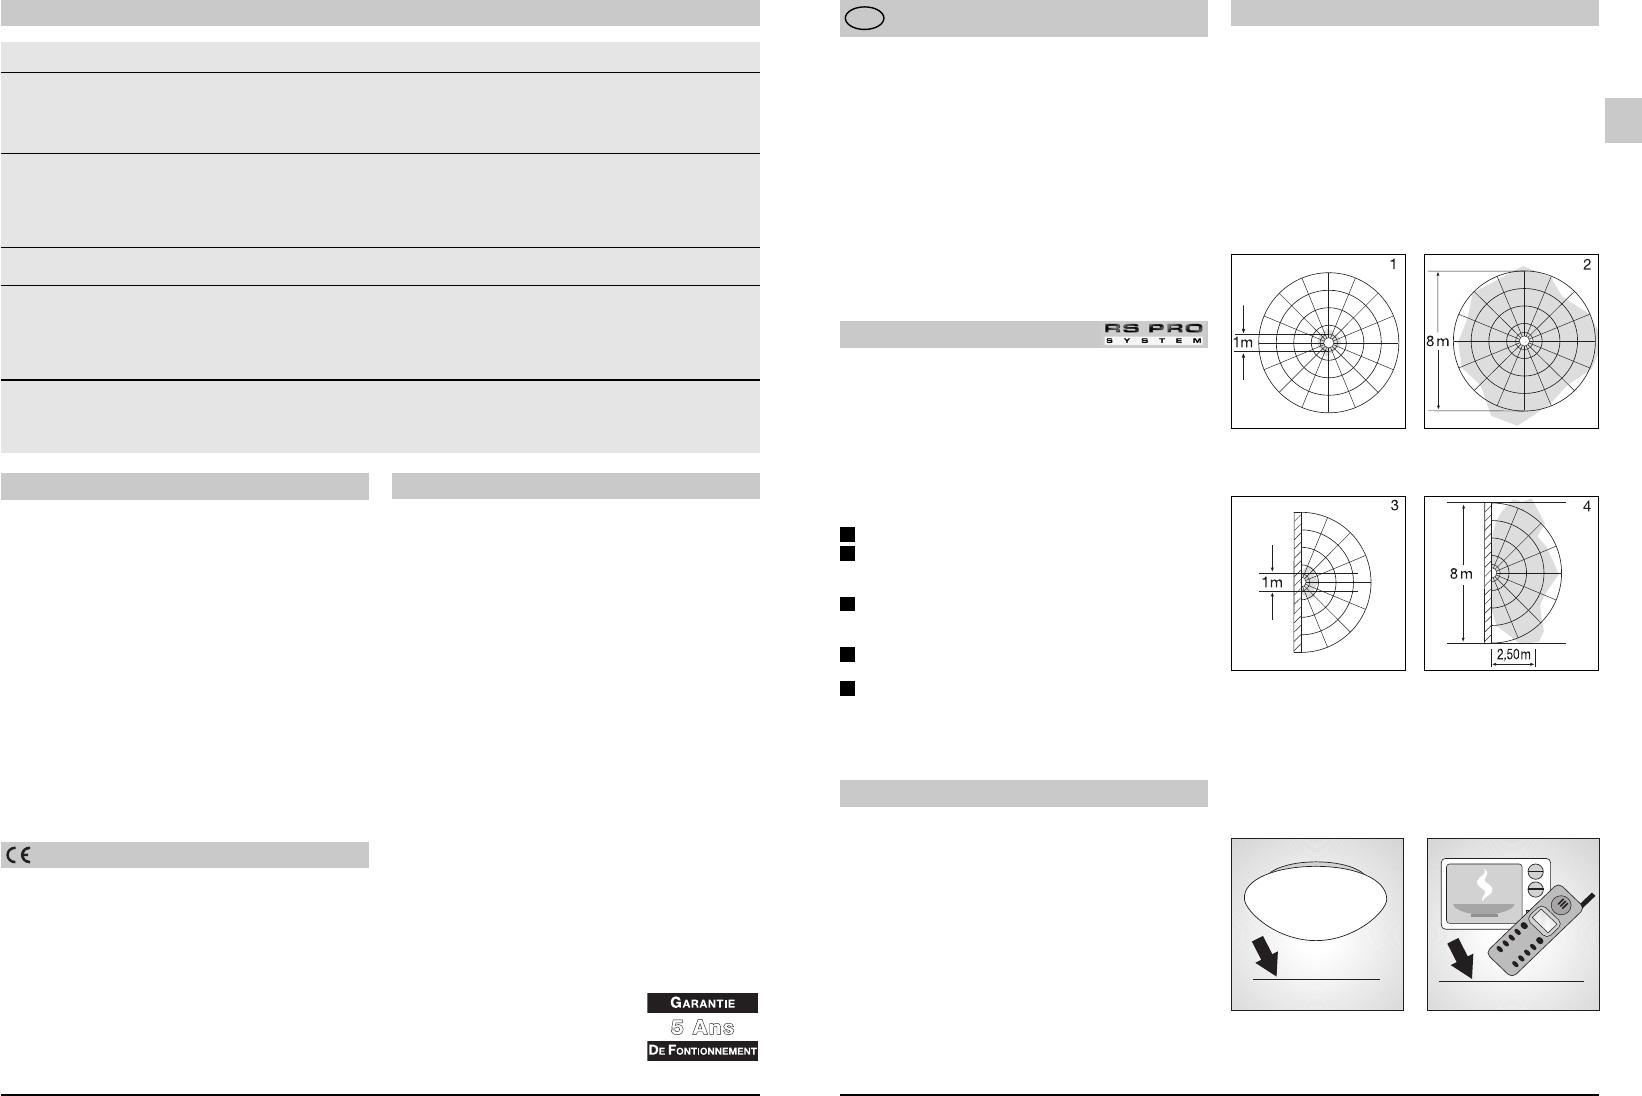 Fein Schaltkasten Schaltplan Galerie - Elektrische Schaltplan-Ideen ...